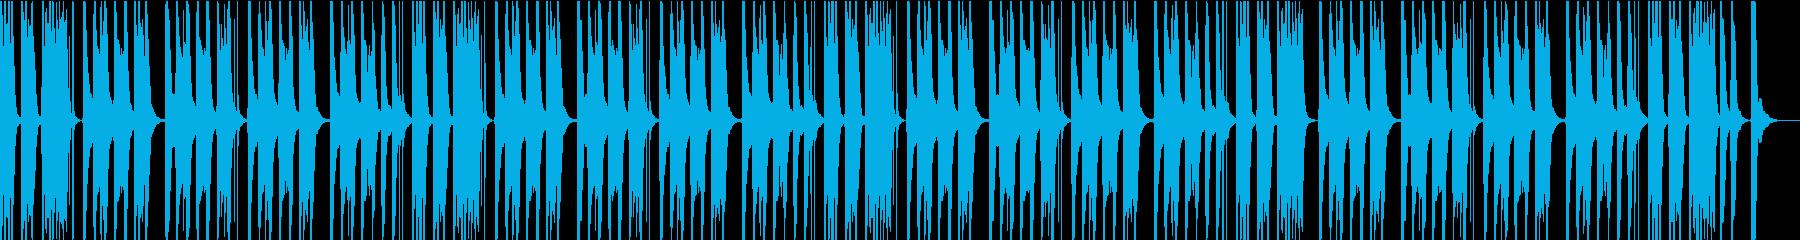 ゆるい&かわいい&ほのぼの日常シーン楽曲の再生済みの波形